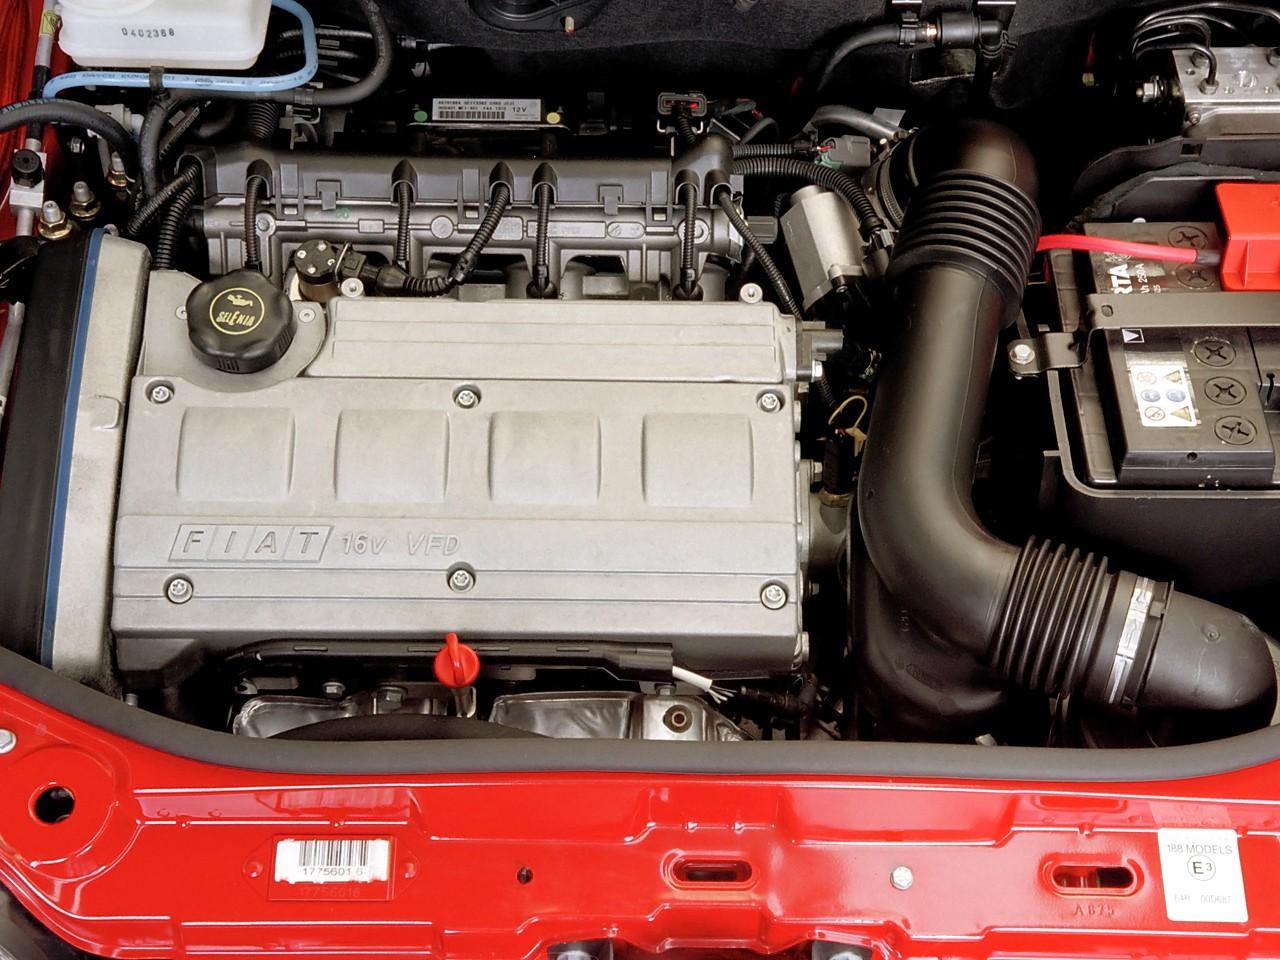 Fiat Punto HGT motor